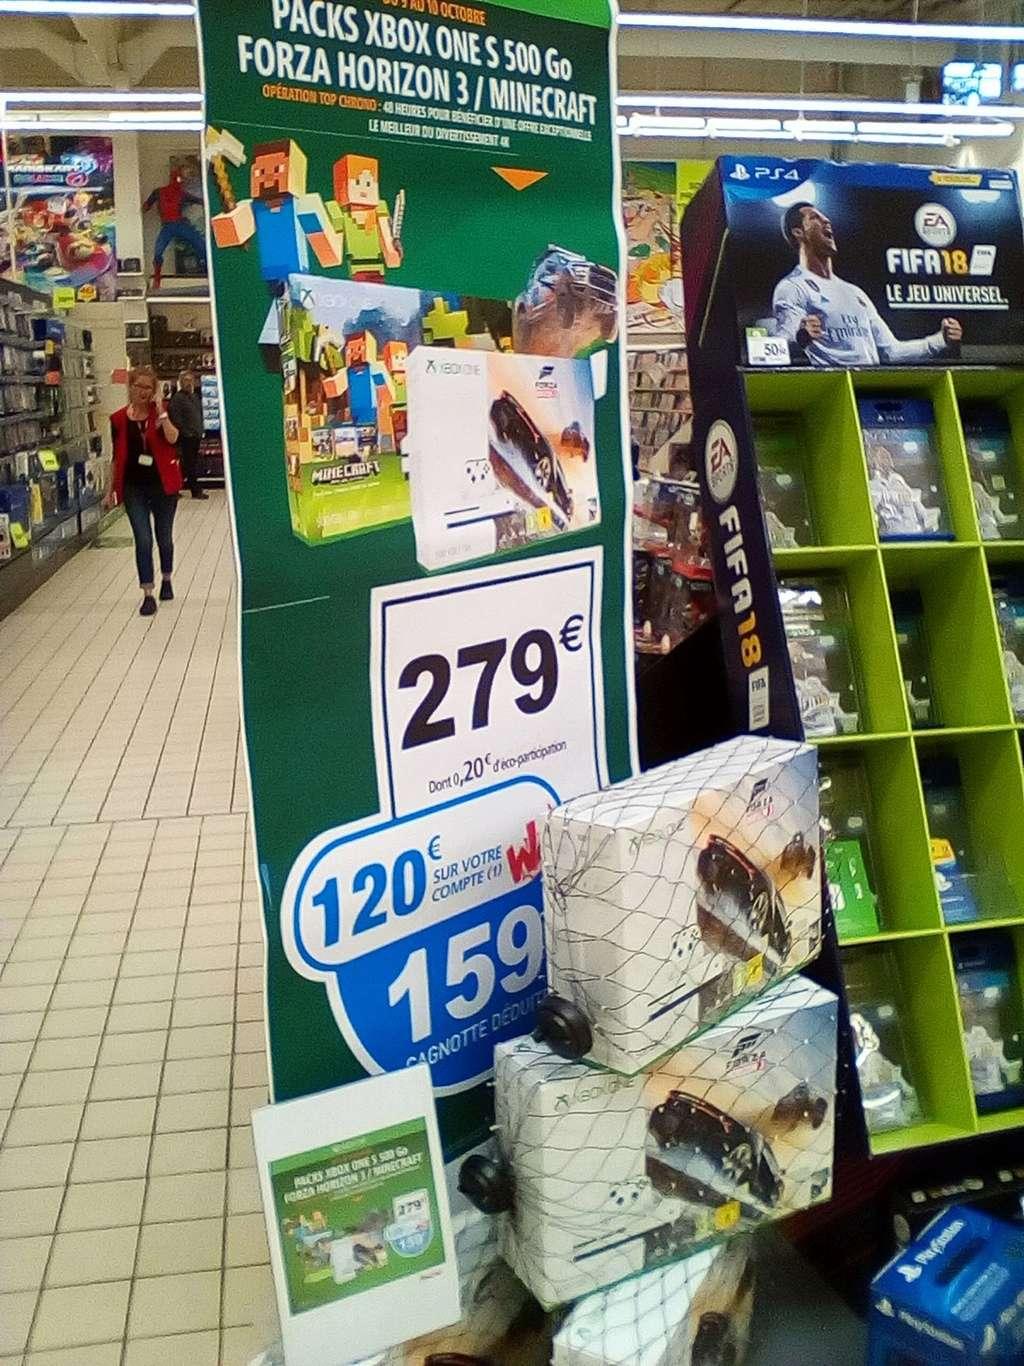 [BONNES AFFAIRES] Hypermarchés (Auchan, Carrefour...) - Page 4 22291410